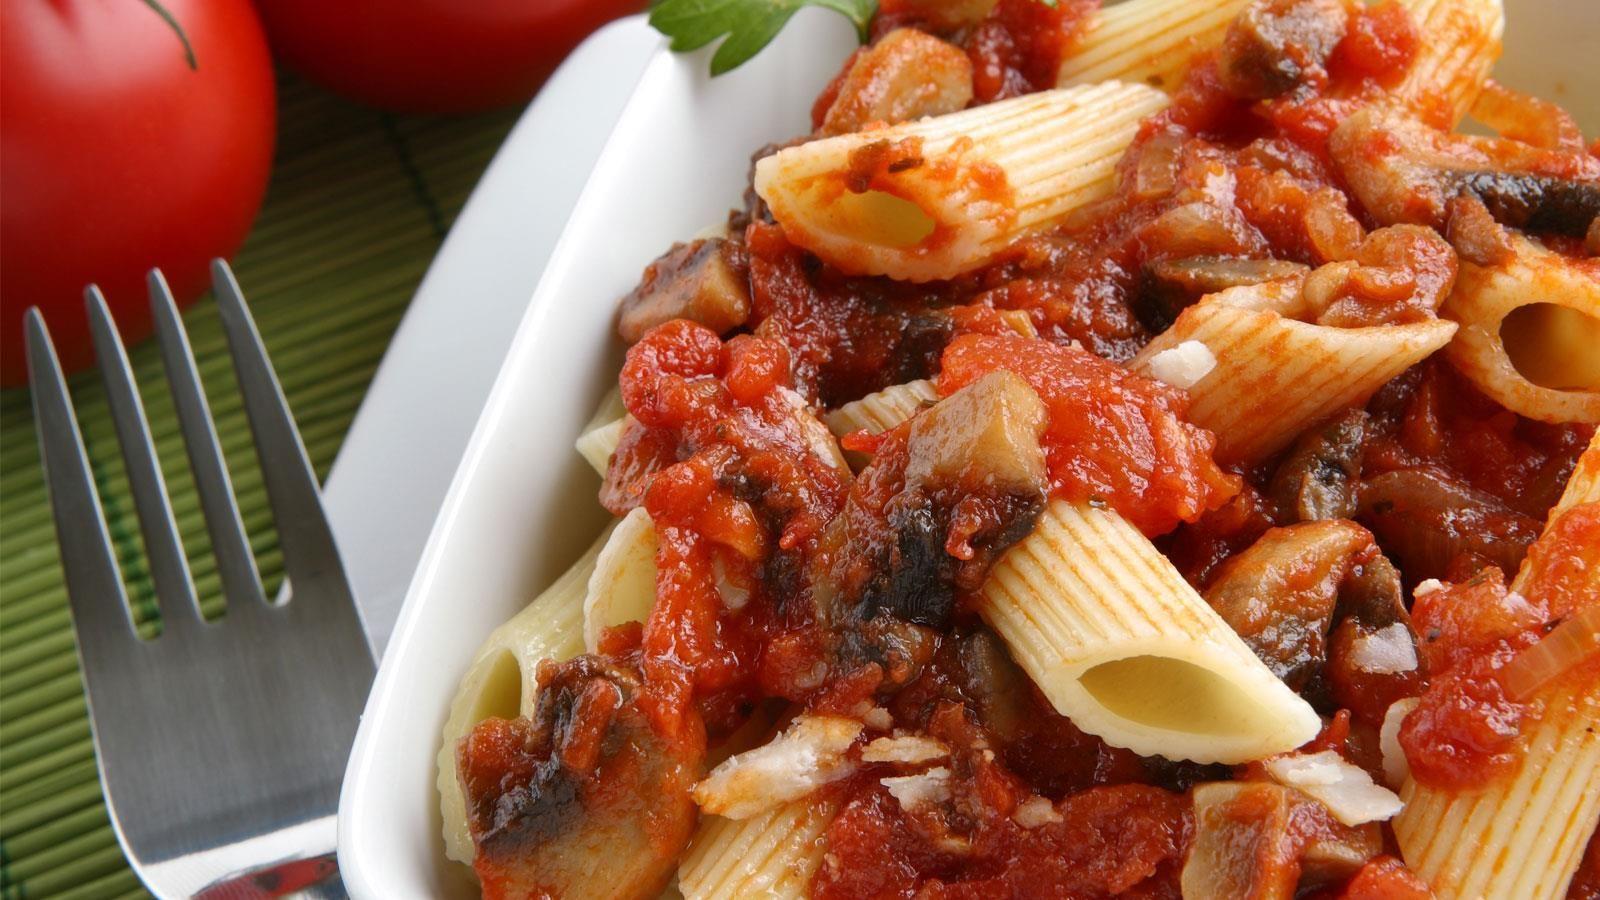 Creamy Mediterranean pasta